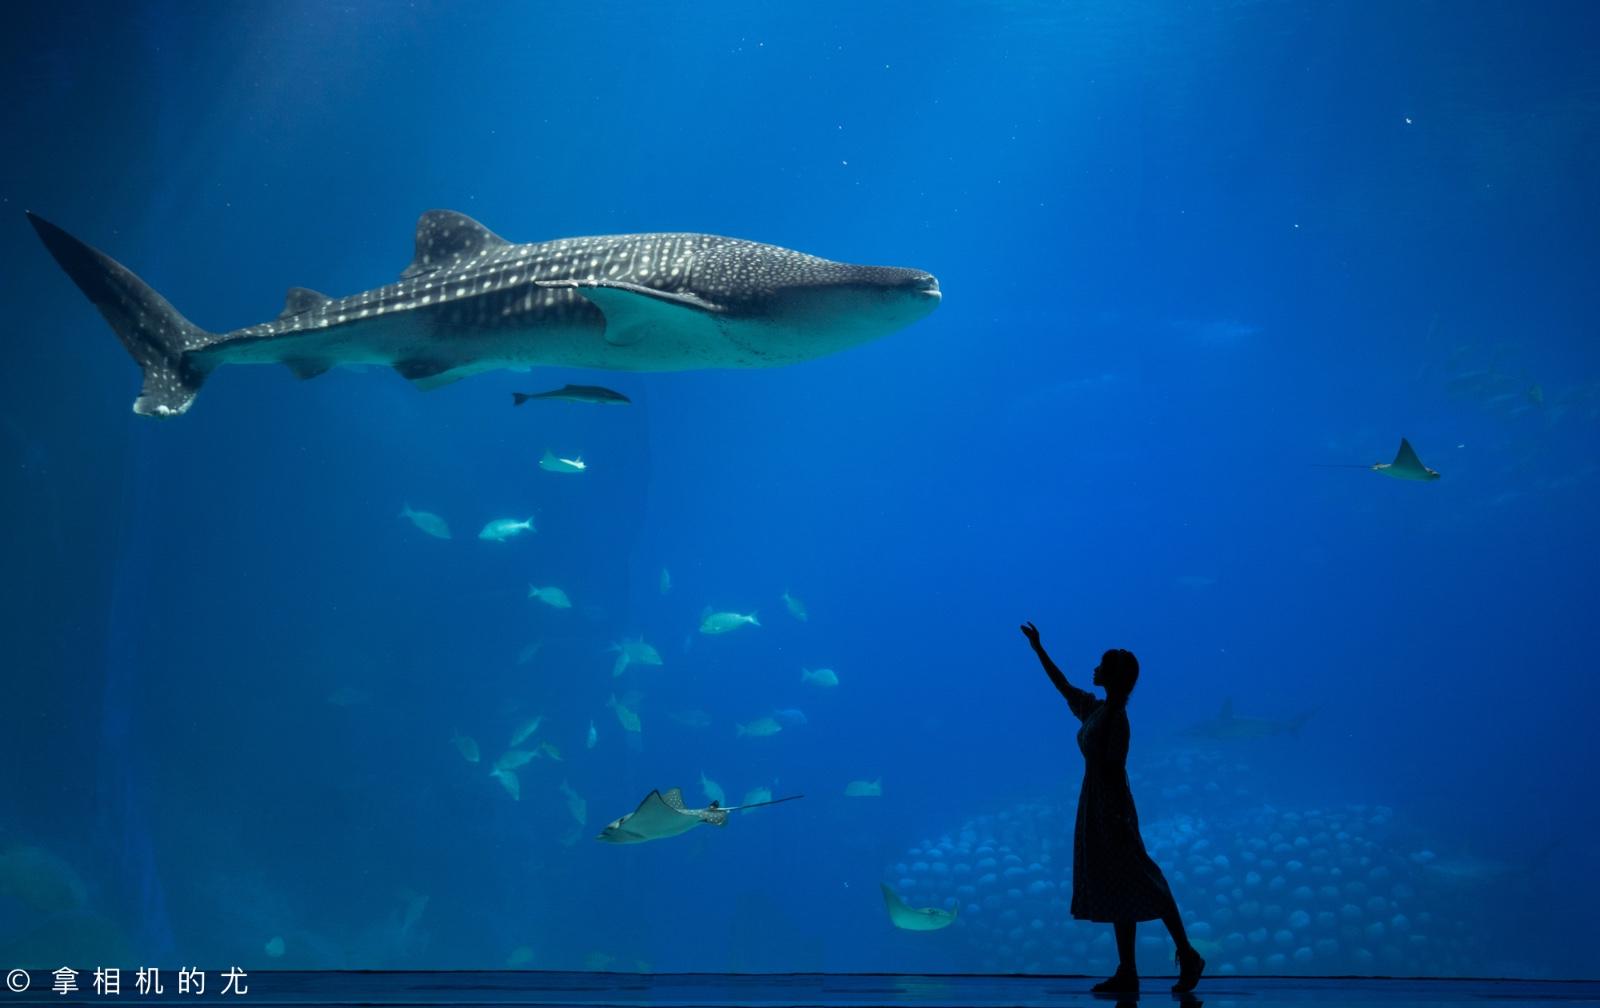 珠海横琴岛,我喜欢的样子你都有(含详细攻略)